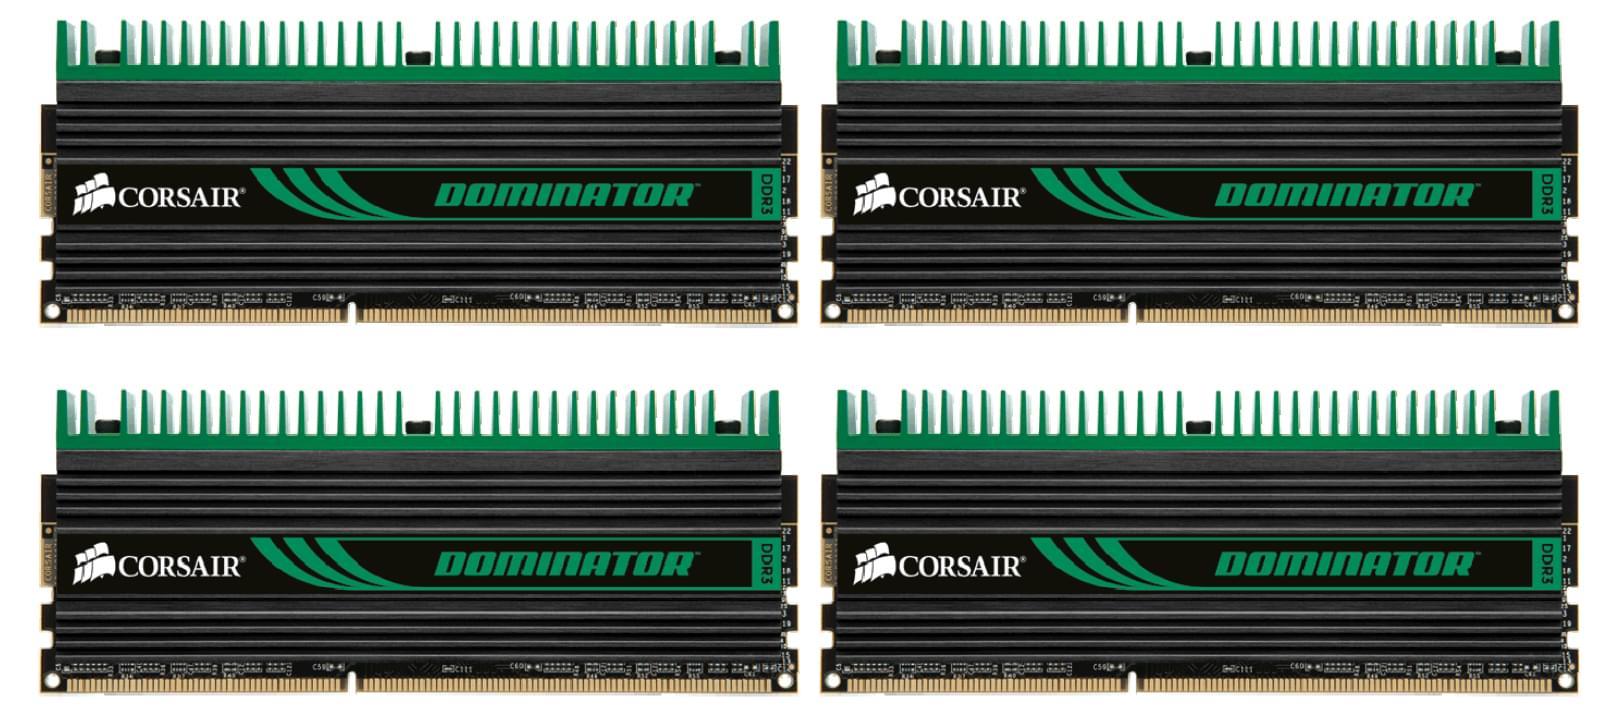 Corsair CMD8GX3M4A1333C7 (4x2Go DDR3 1333 PC10600) (CMD8GX3M4A1333C7) - Achat / Vente Mémoire PC sur Cybertek.fr - 0